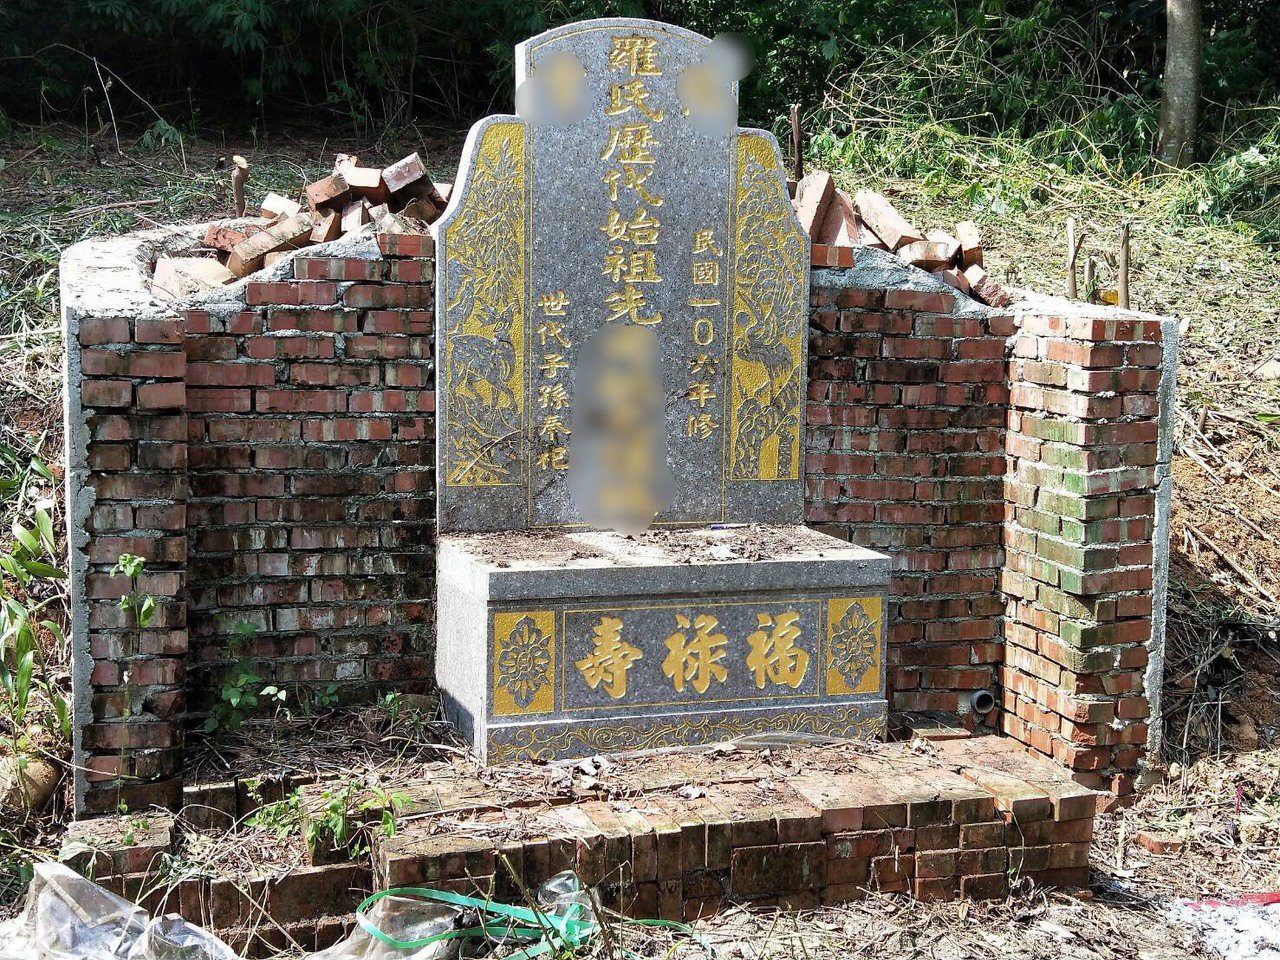 新竹縣新埔鎮新北里發生修祖墳的爭議。記者郭政芬/翻攝